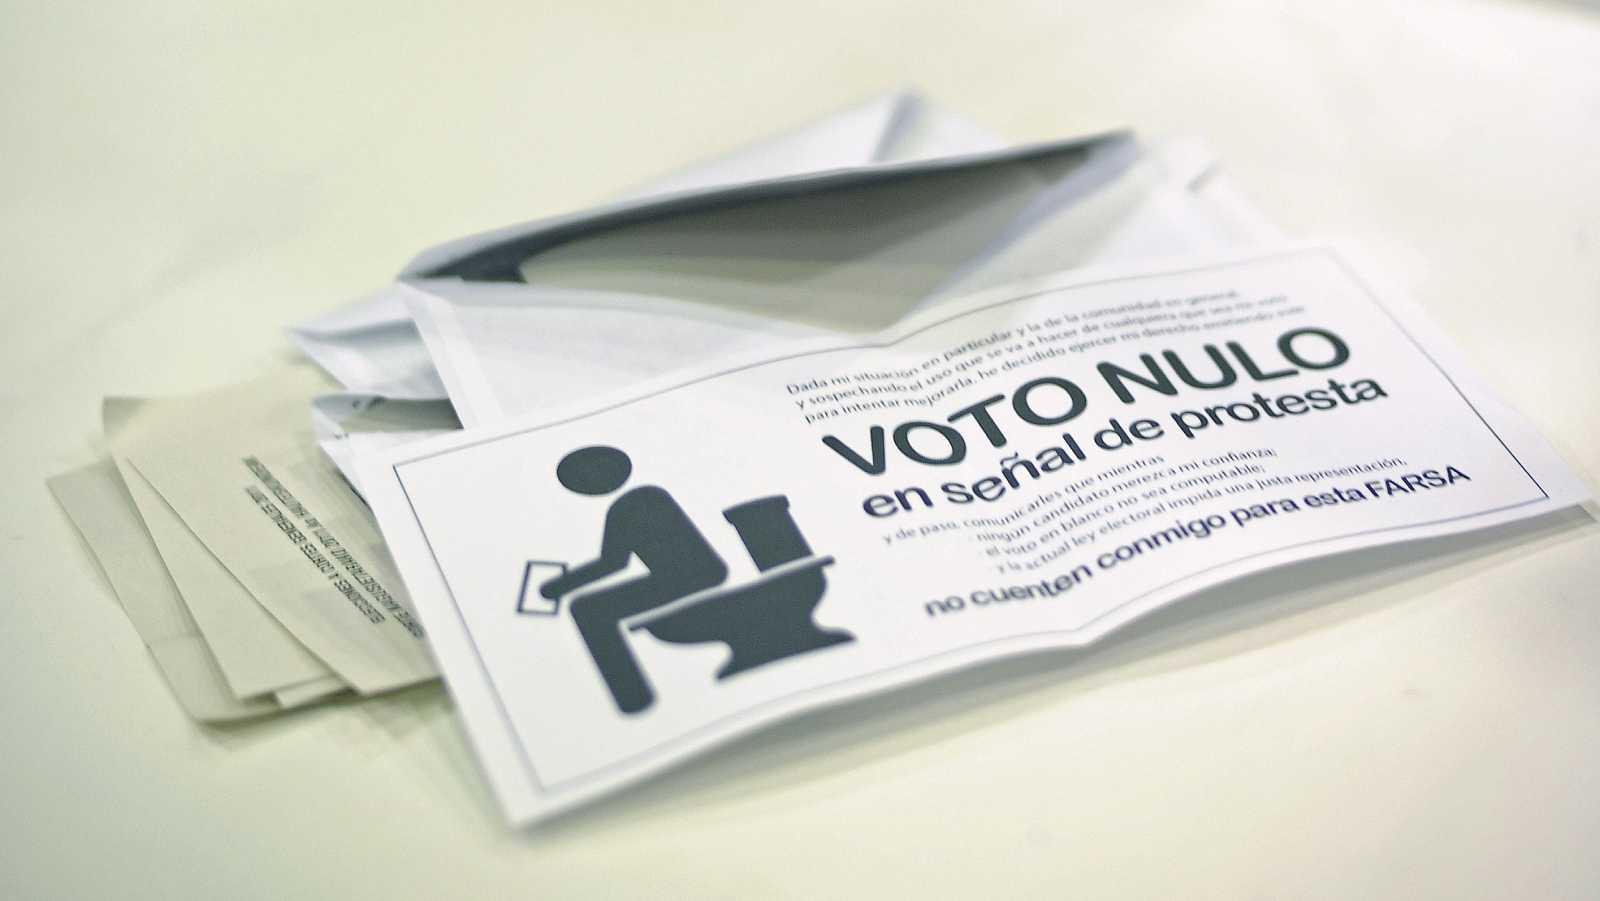 BERRIOZAR (NAVARRA), 20/11/2011.- Imagen de los votos nulos en una de las mesas electorales durante el recuento de votos de las elecciones generales, tras el cierre de los colegios electorales.